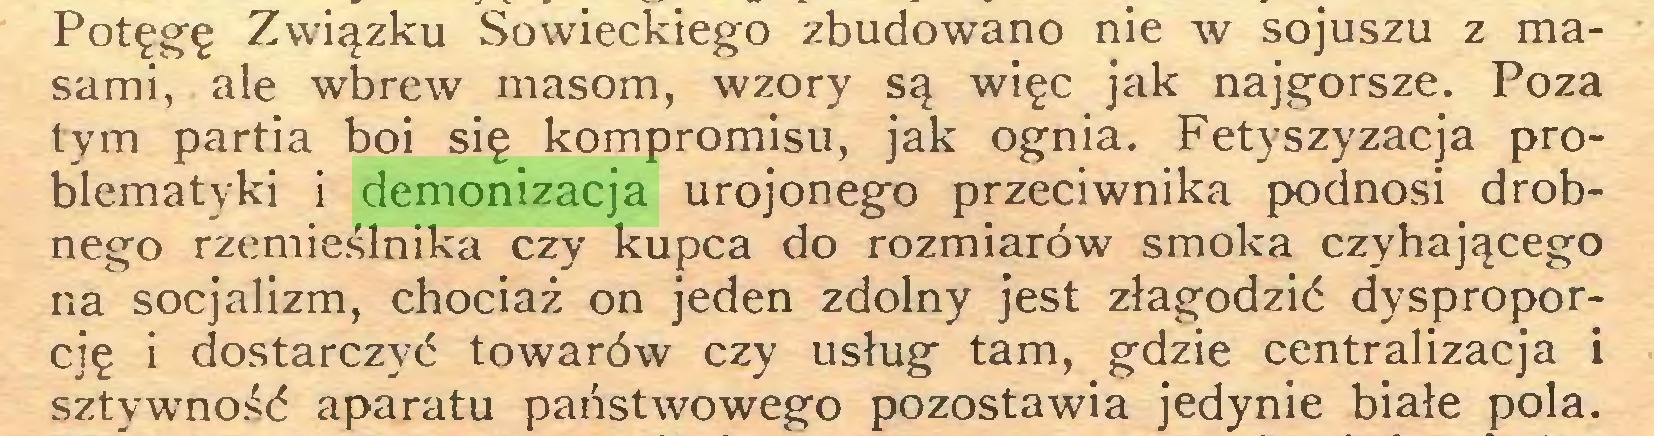 (...) Potęgę Związku Sowieckiego zbudowano nie w sojuszu z masami, ale wbrew masom, wzory są więc jak najgorsze. Poza tym partia boi się kompromisu, jak ognia. Fetyszyzacja problematyki i demonizacja urojonego przeciwnika podnosi drobnego rzemieślnika czy kupca do rozmiarów smoka czyhającego na socjalizm, chociaż on jeden zdolny jest złagodzić dysproporcję i dostarczyć towarów czy usług tam, gdzie centralizacja i sztywność aparatu państwowego pozostawia jedynie białe pola...